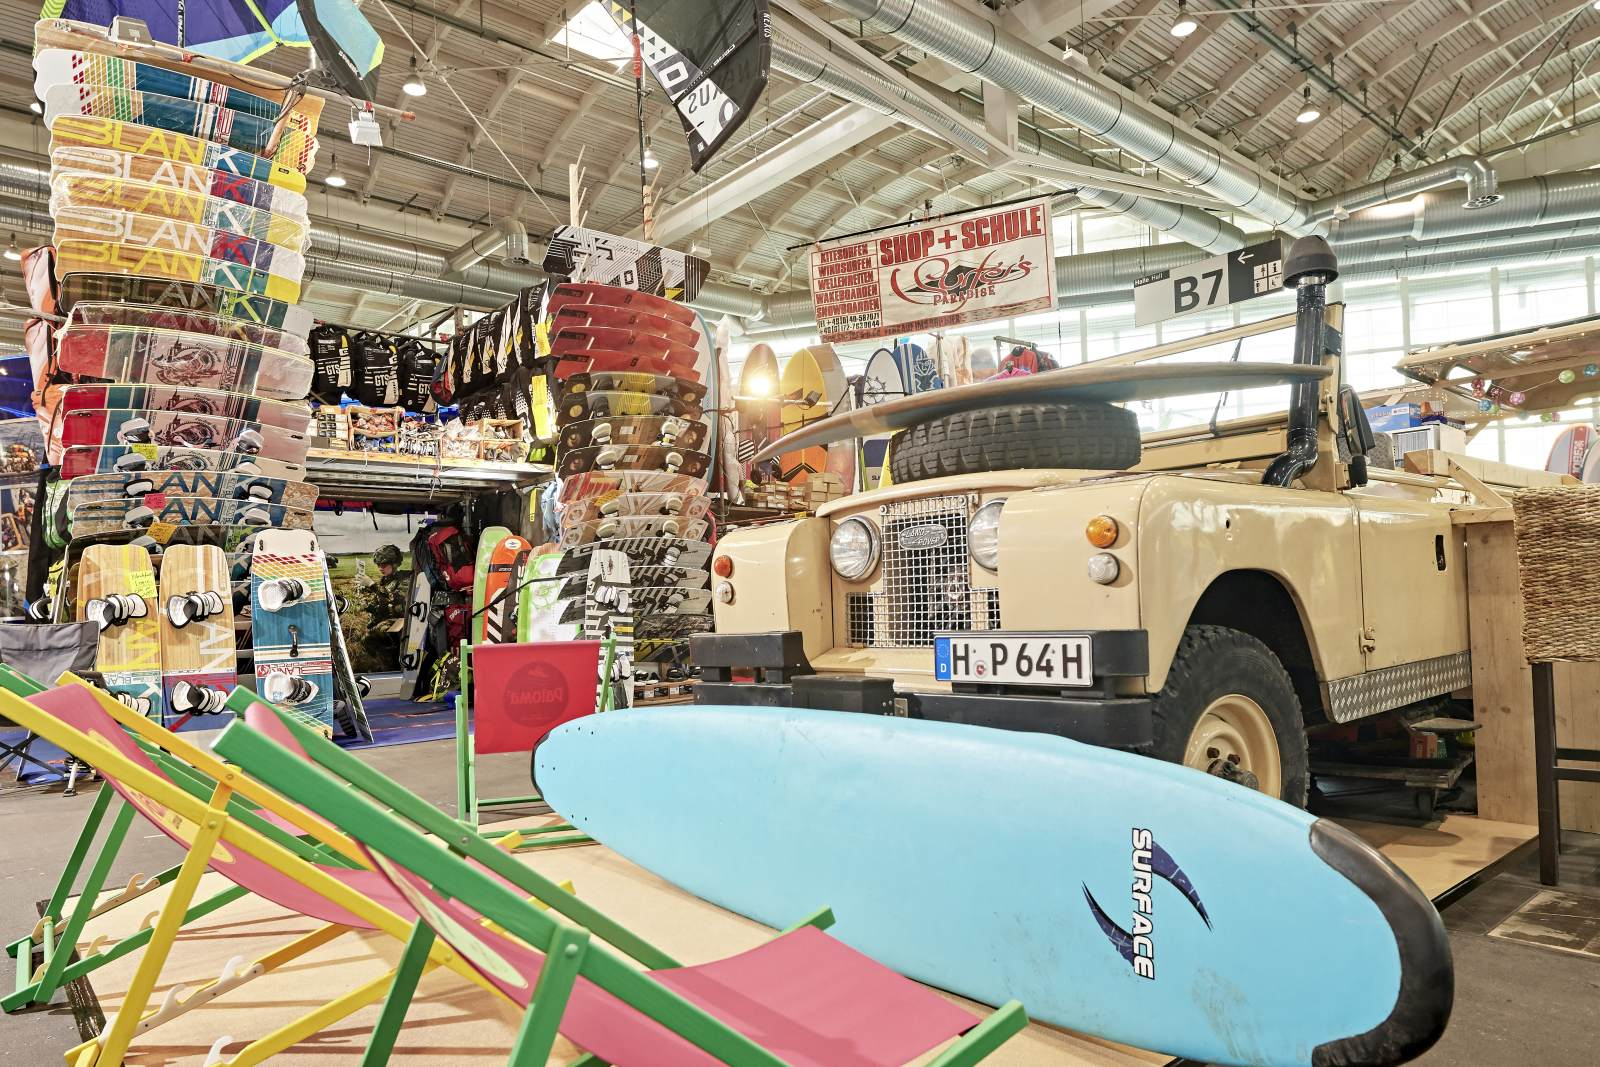 Auch Ausrüstungen für andere Wassersportarten sind auf der Messe vertreten wie SUP, Wellenreiten, Kite-Surfen und Tauchen.